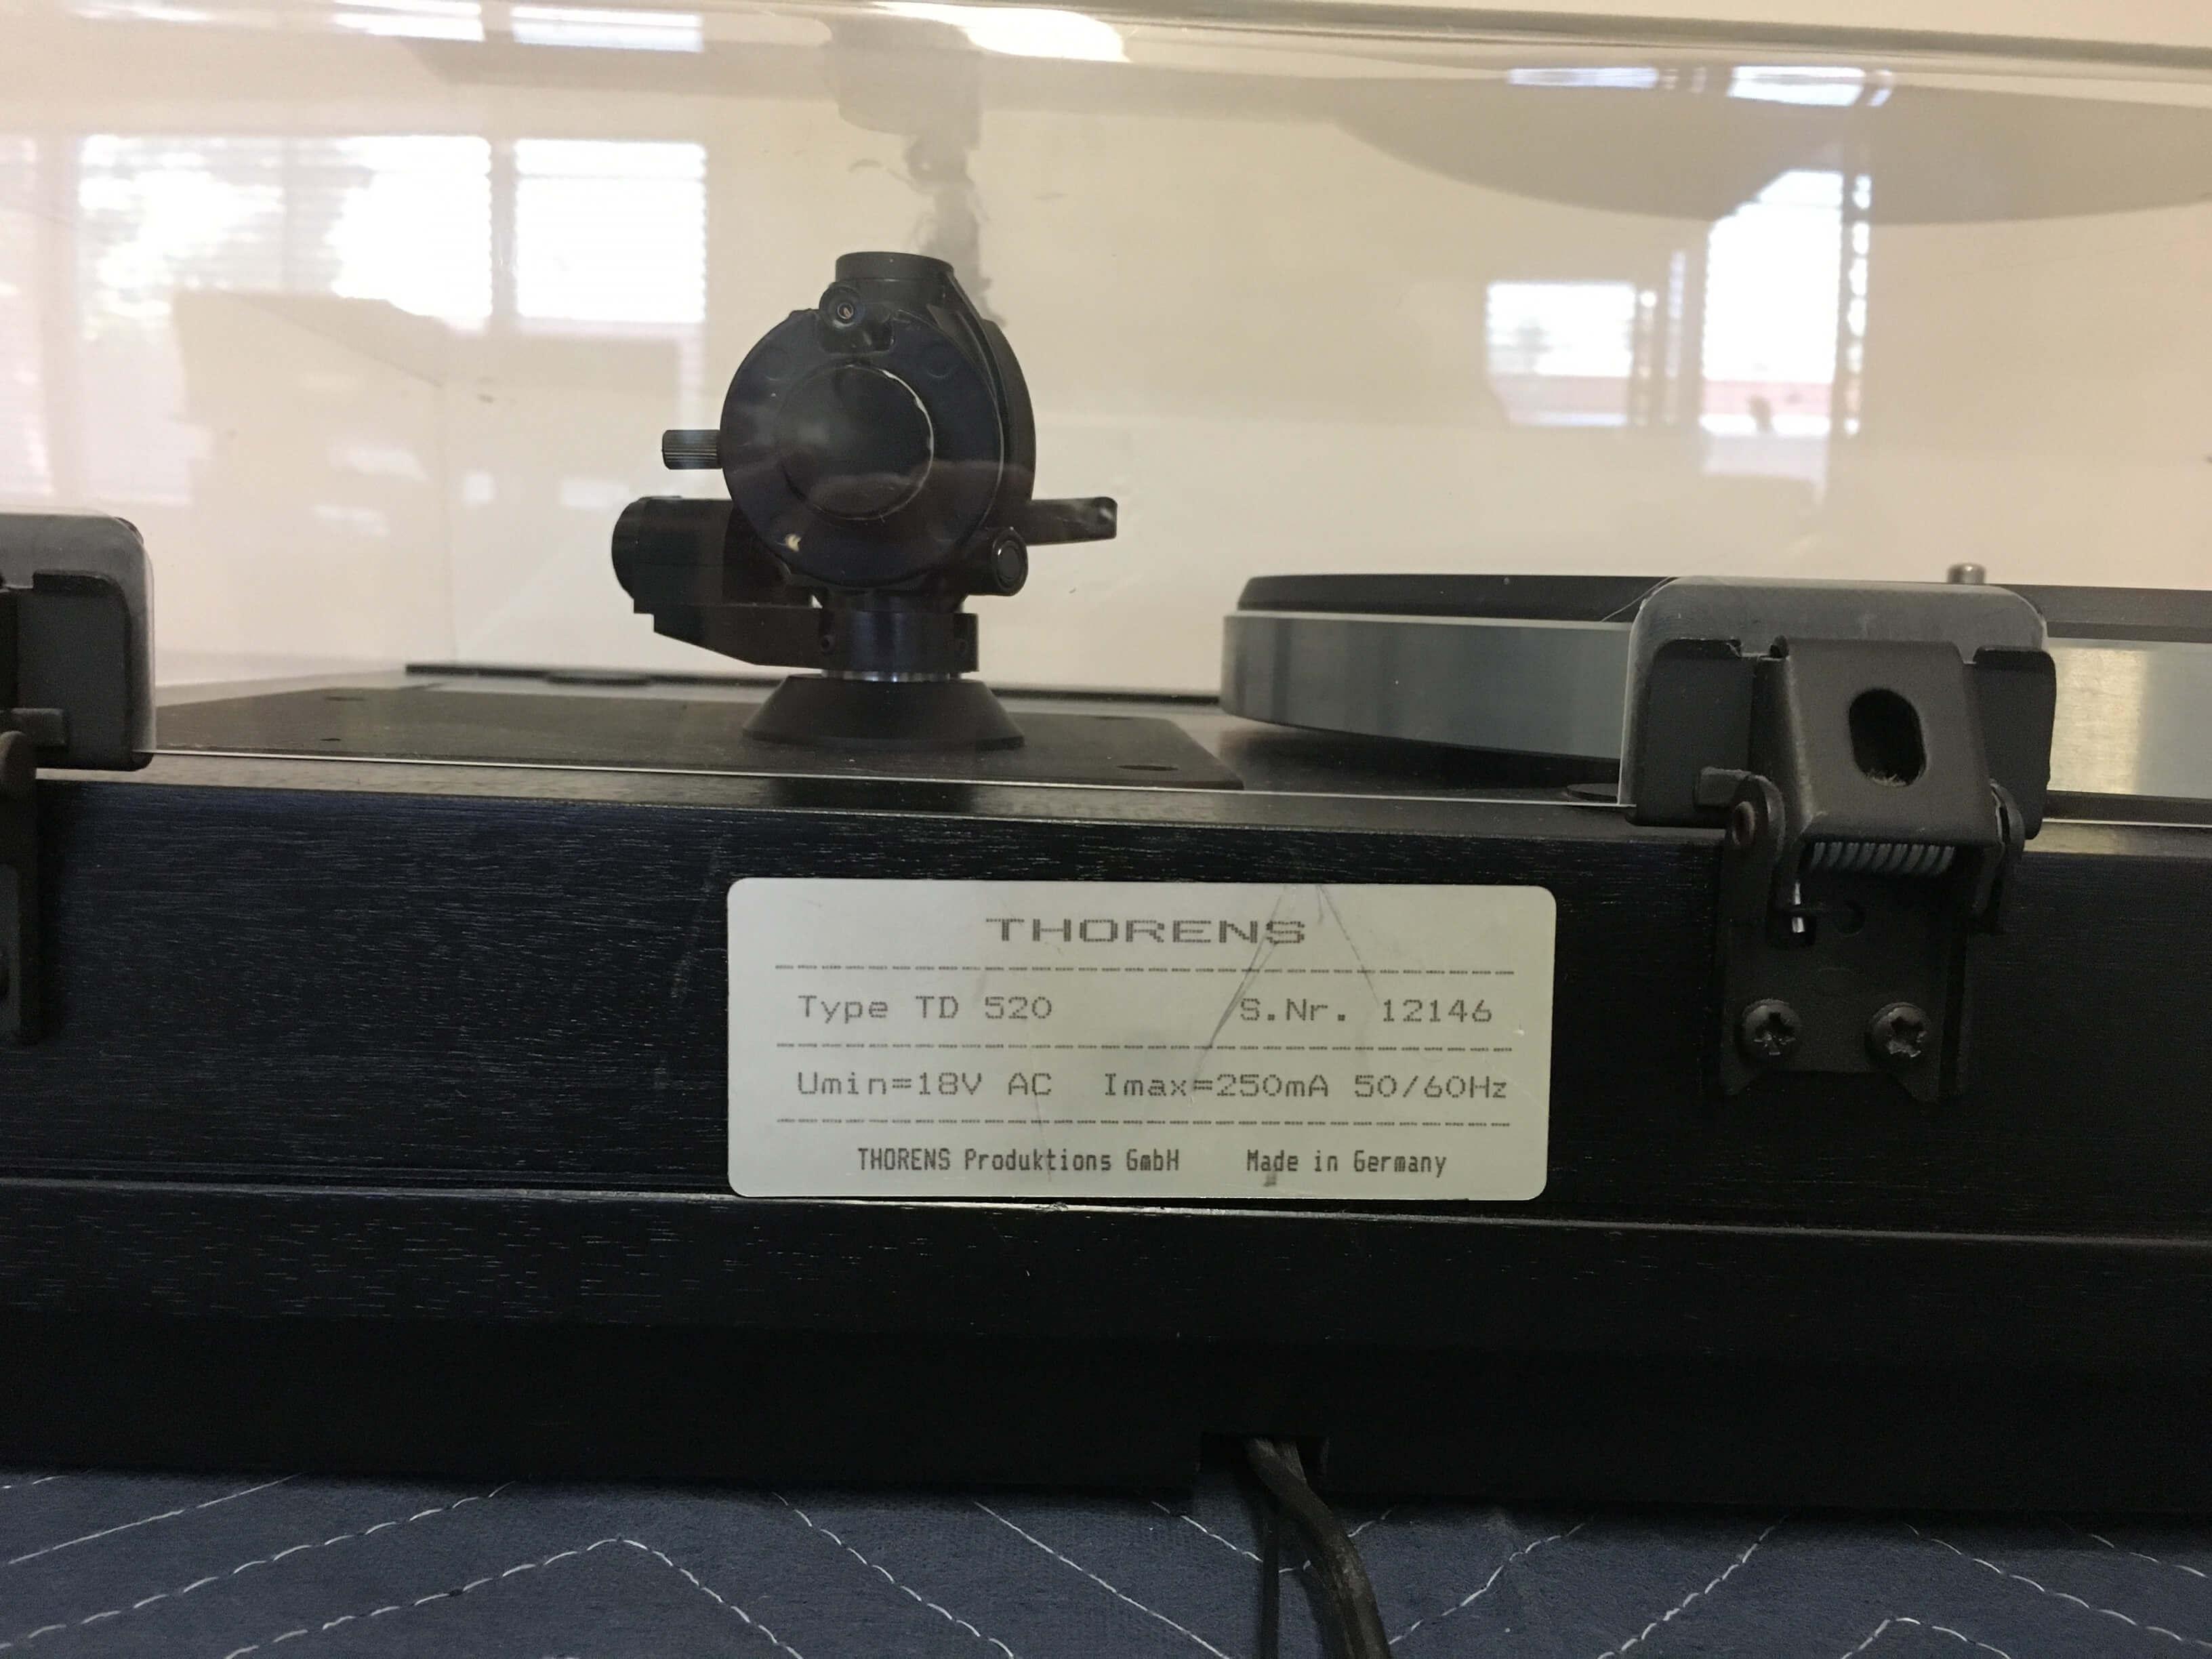 Thorens TD 520 turntable